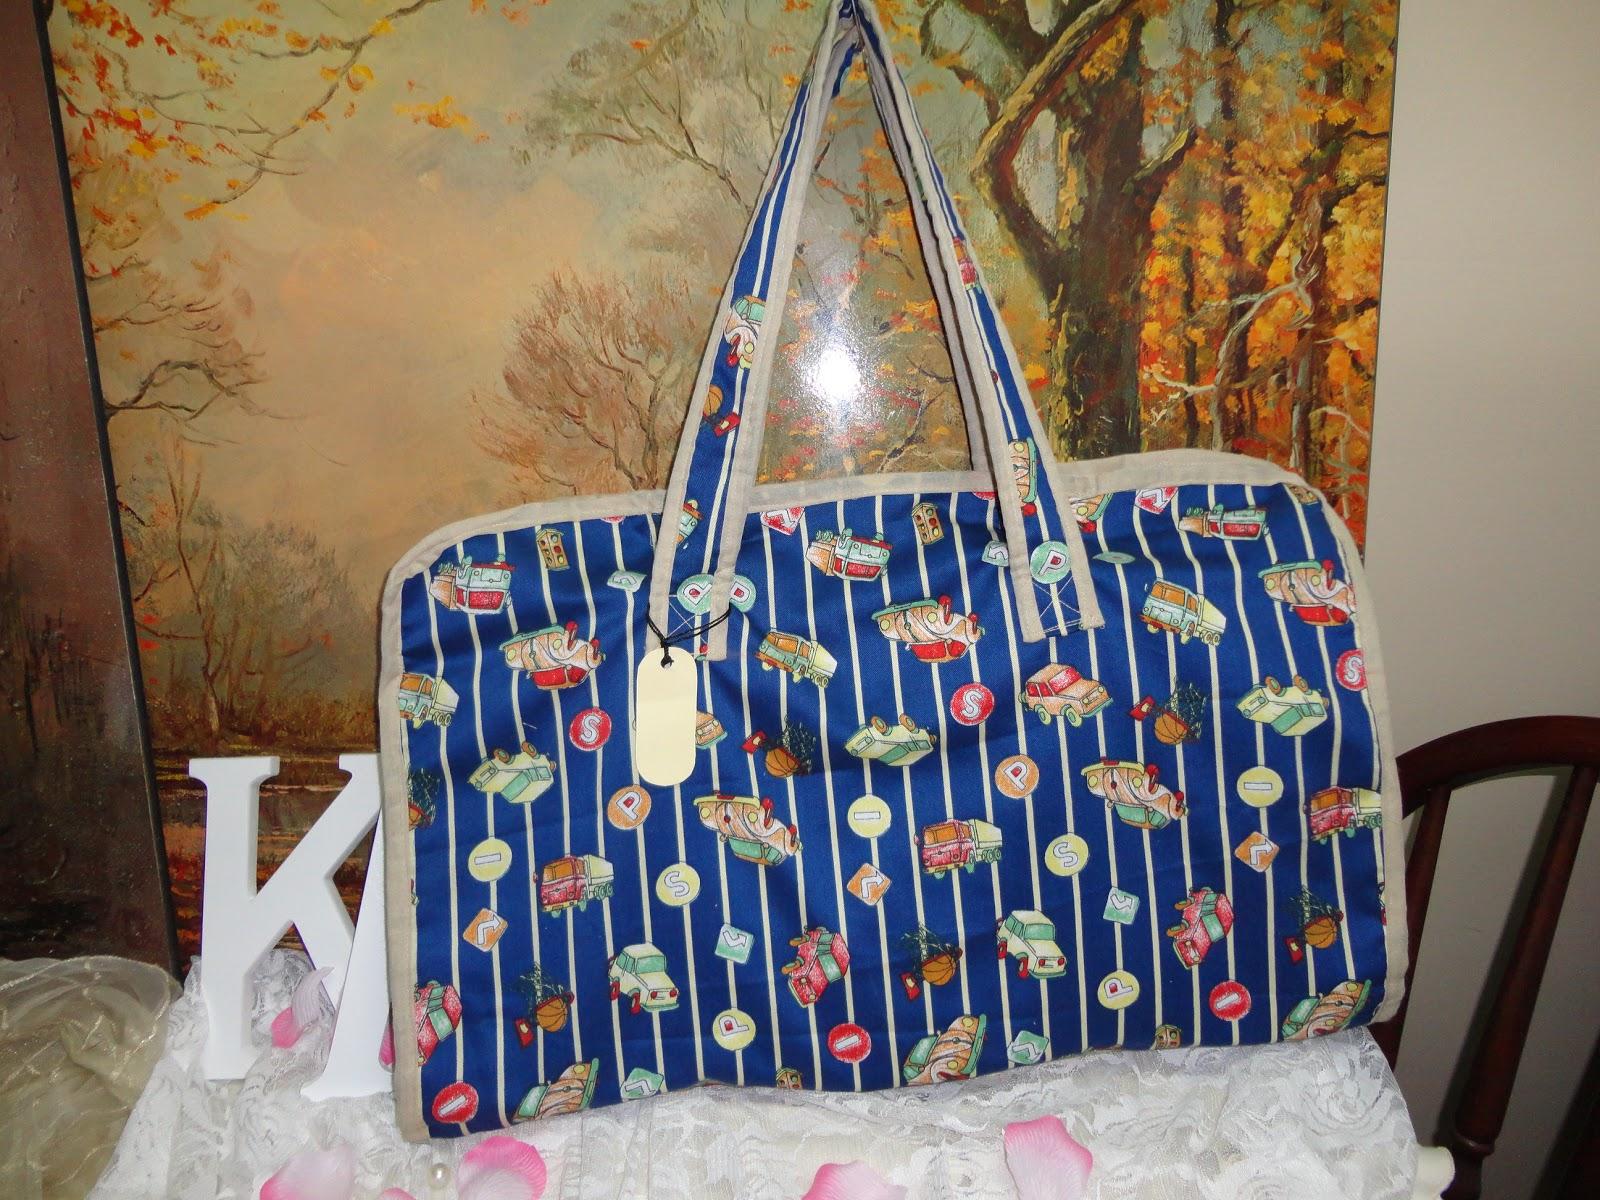 5aff7e4ee64a1 الوصف   حقيبة قماش الخامه   قماش قطن القياسات  الحقيبه  54 37 cm المفرش   77 49 cm اللون   منقوش النوع   حقيبةمواليد 6 قطع السعر   500 ريال سعودي